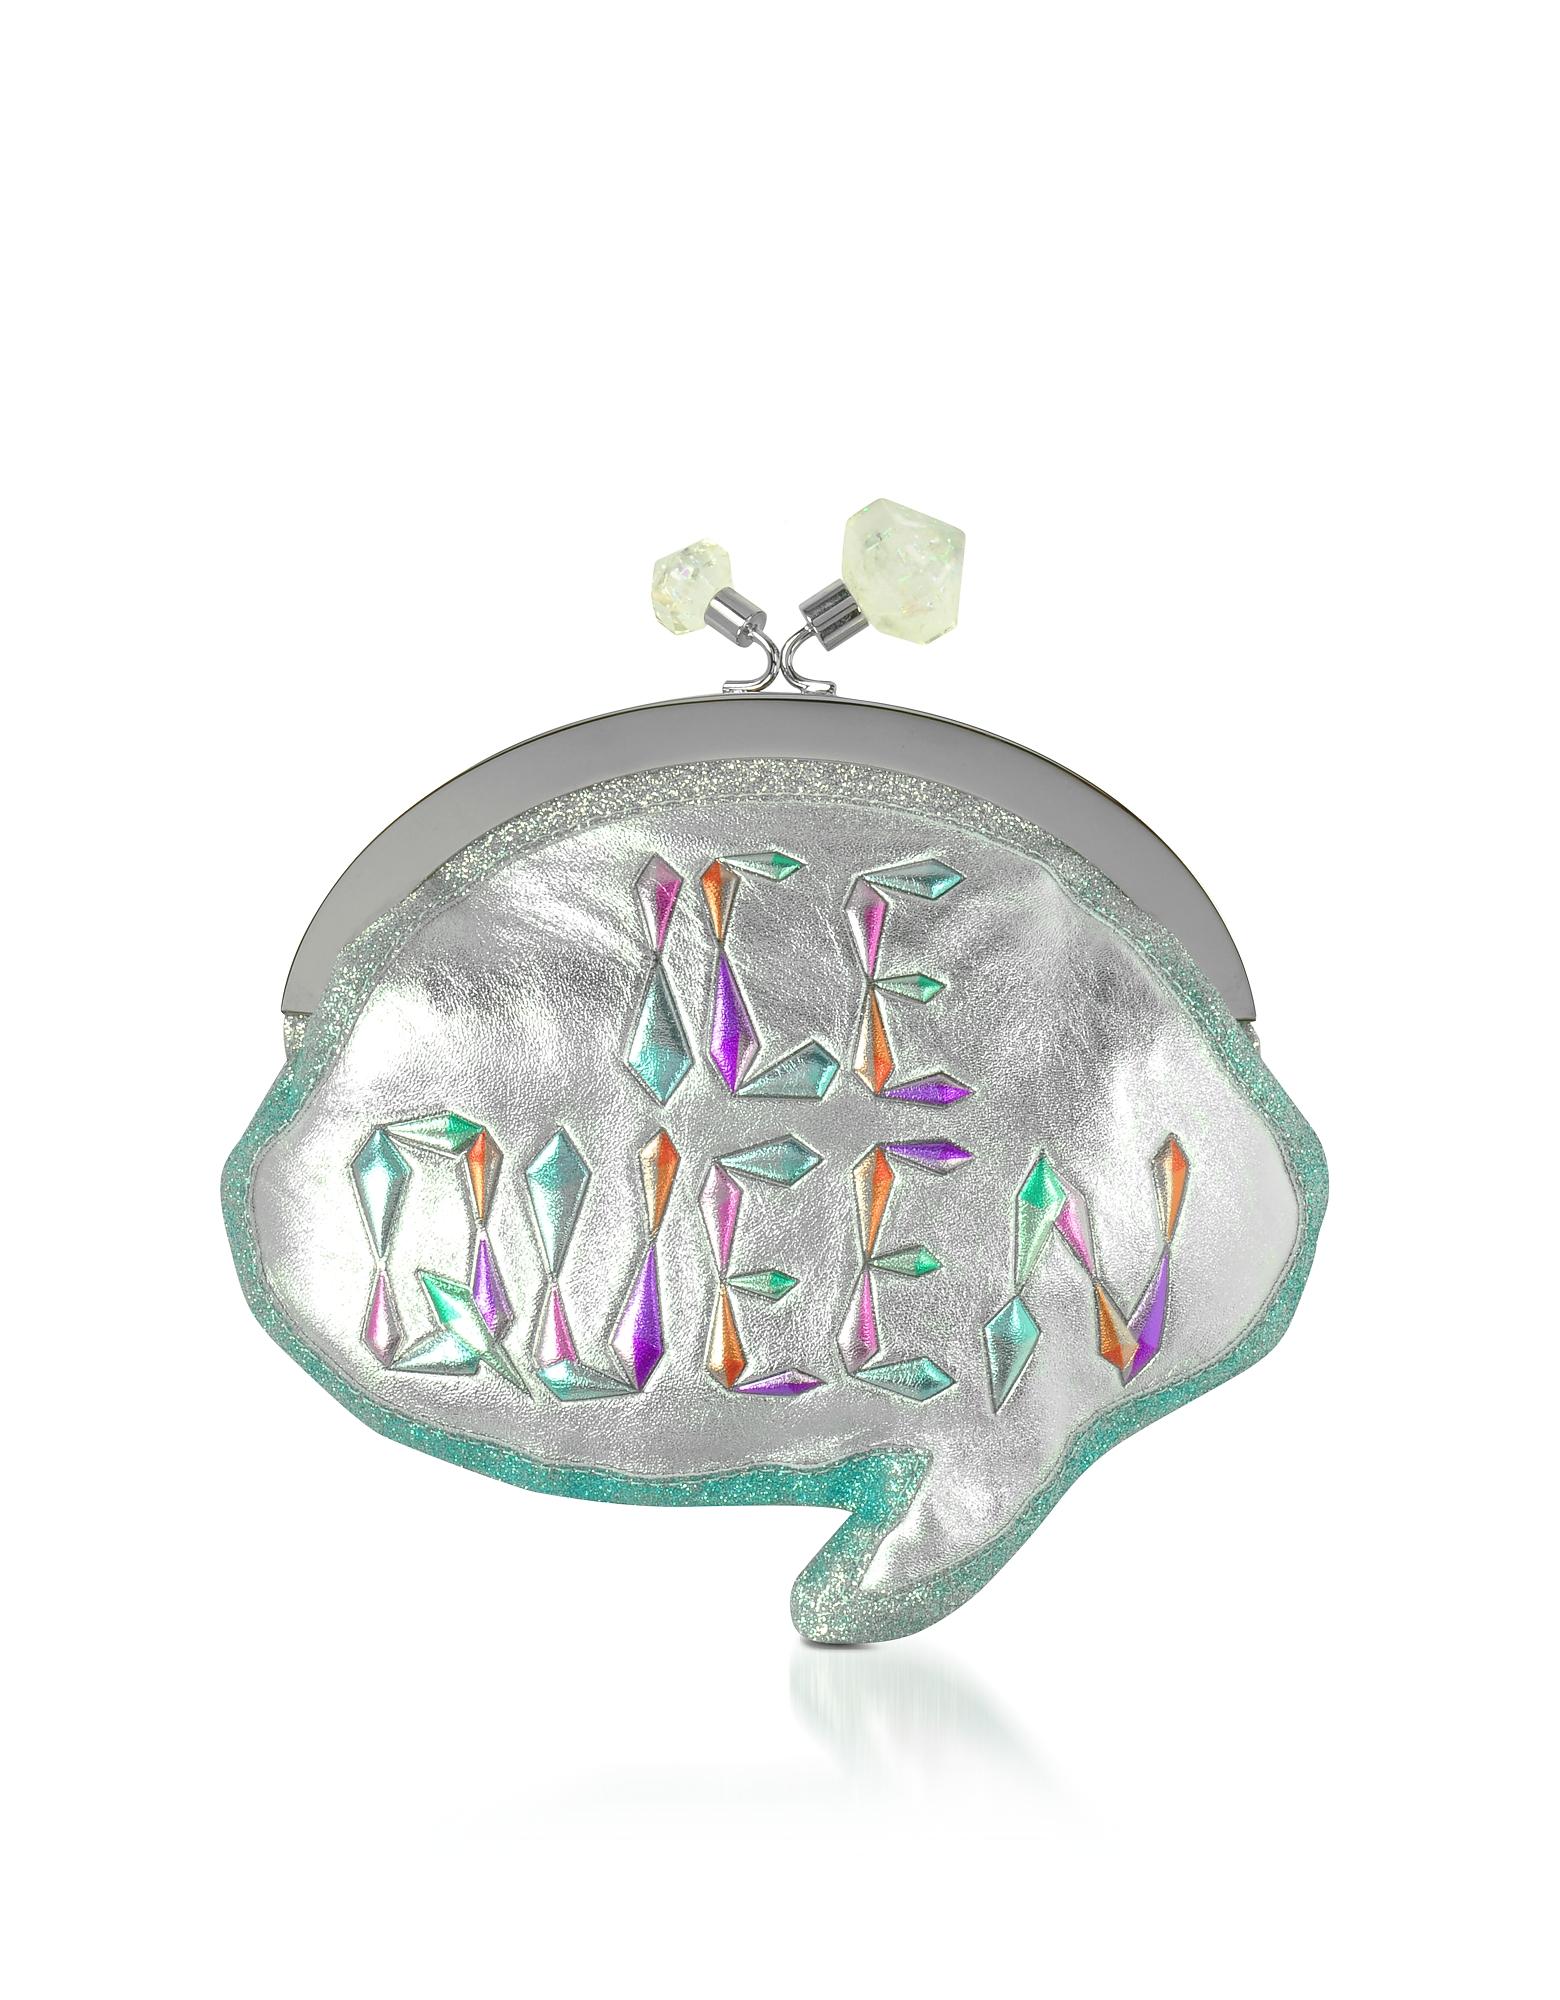 Sophia Webster Handbags, Ice Queen Speech Metallic Pochette w/Chain Strap